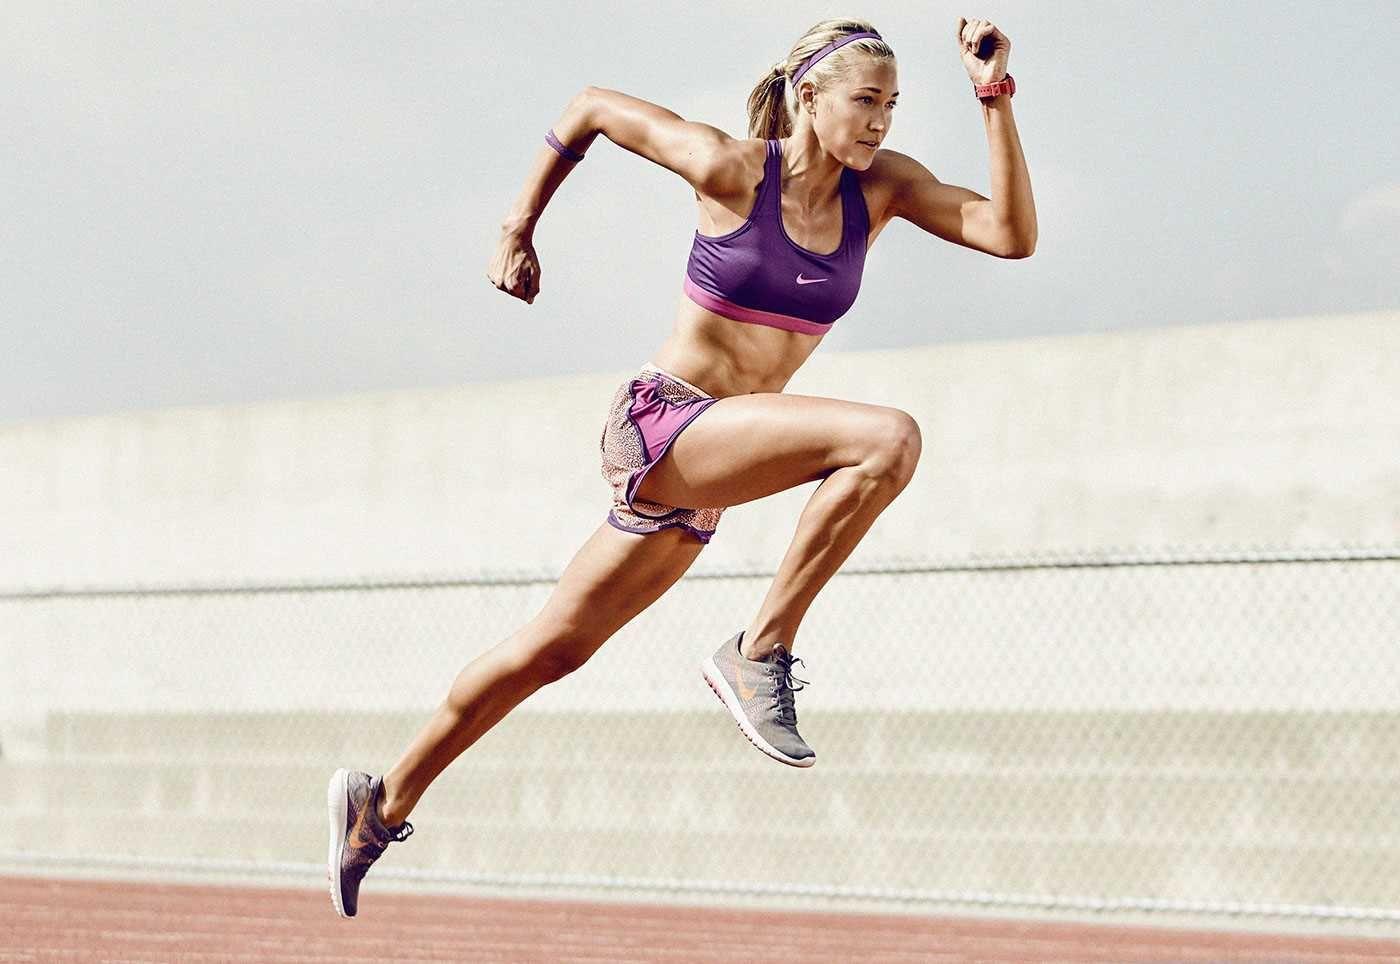 #Fitness #Hawthorne #Kommerzielle #Matt #Sport #von #Werbefotografie #Werbung Fitness Advertising Sp...